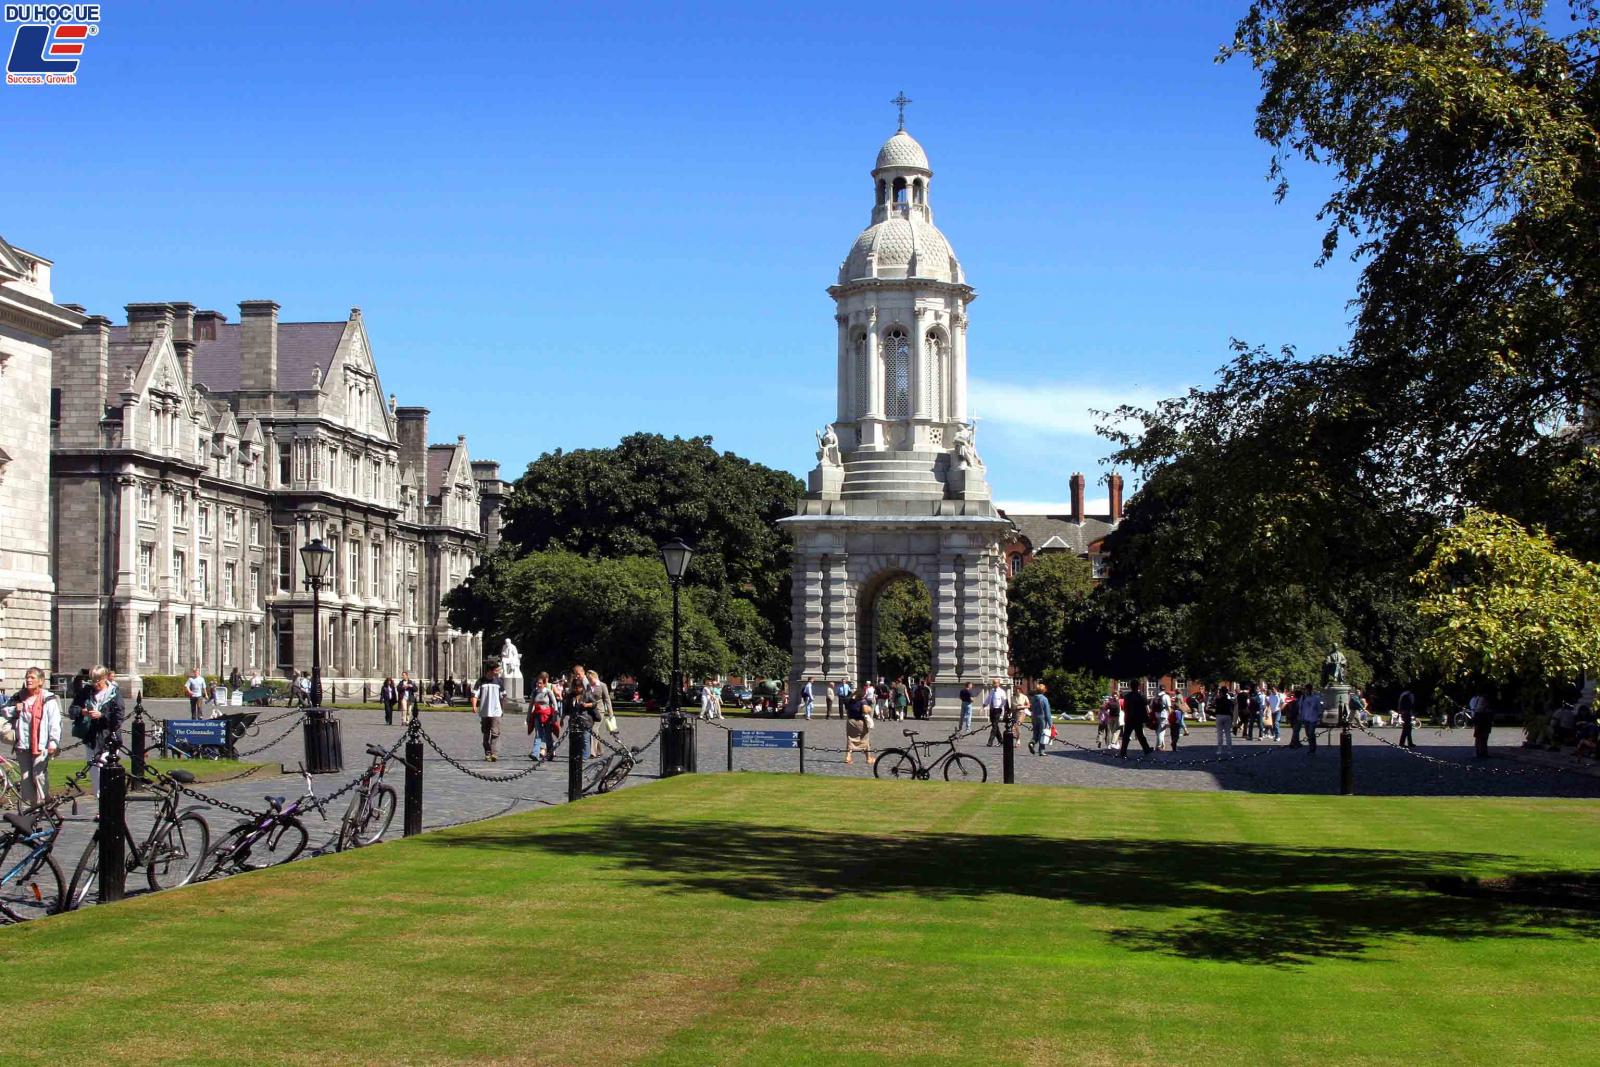 10 trường đại học tráng lệ nhất châu Âu 9